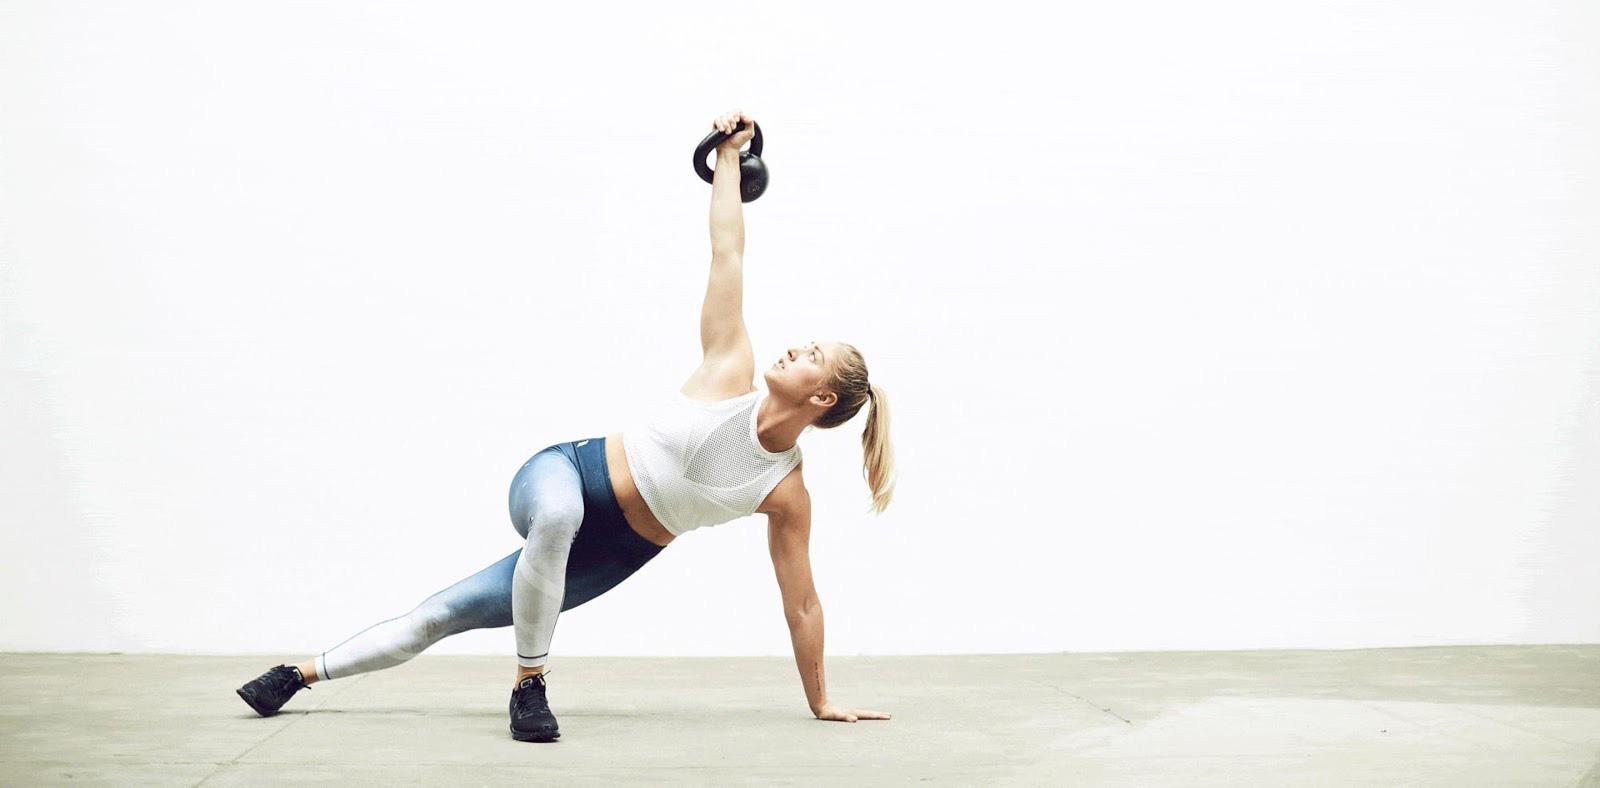 Nắm chắc trong tay 15 bài tập giảm mỡ bụng hiệu quả nhất được các huấn luyện viên thể hình khuyến cáo sử dụng - Ảnh 3.